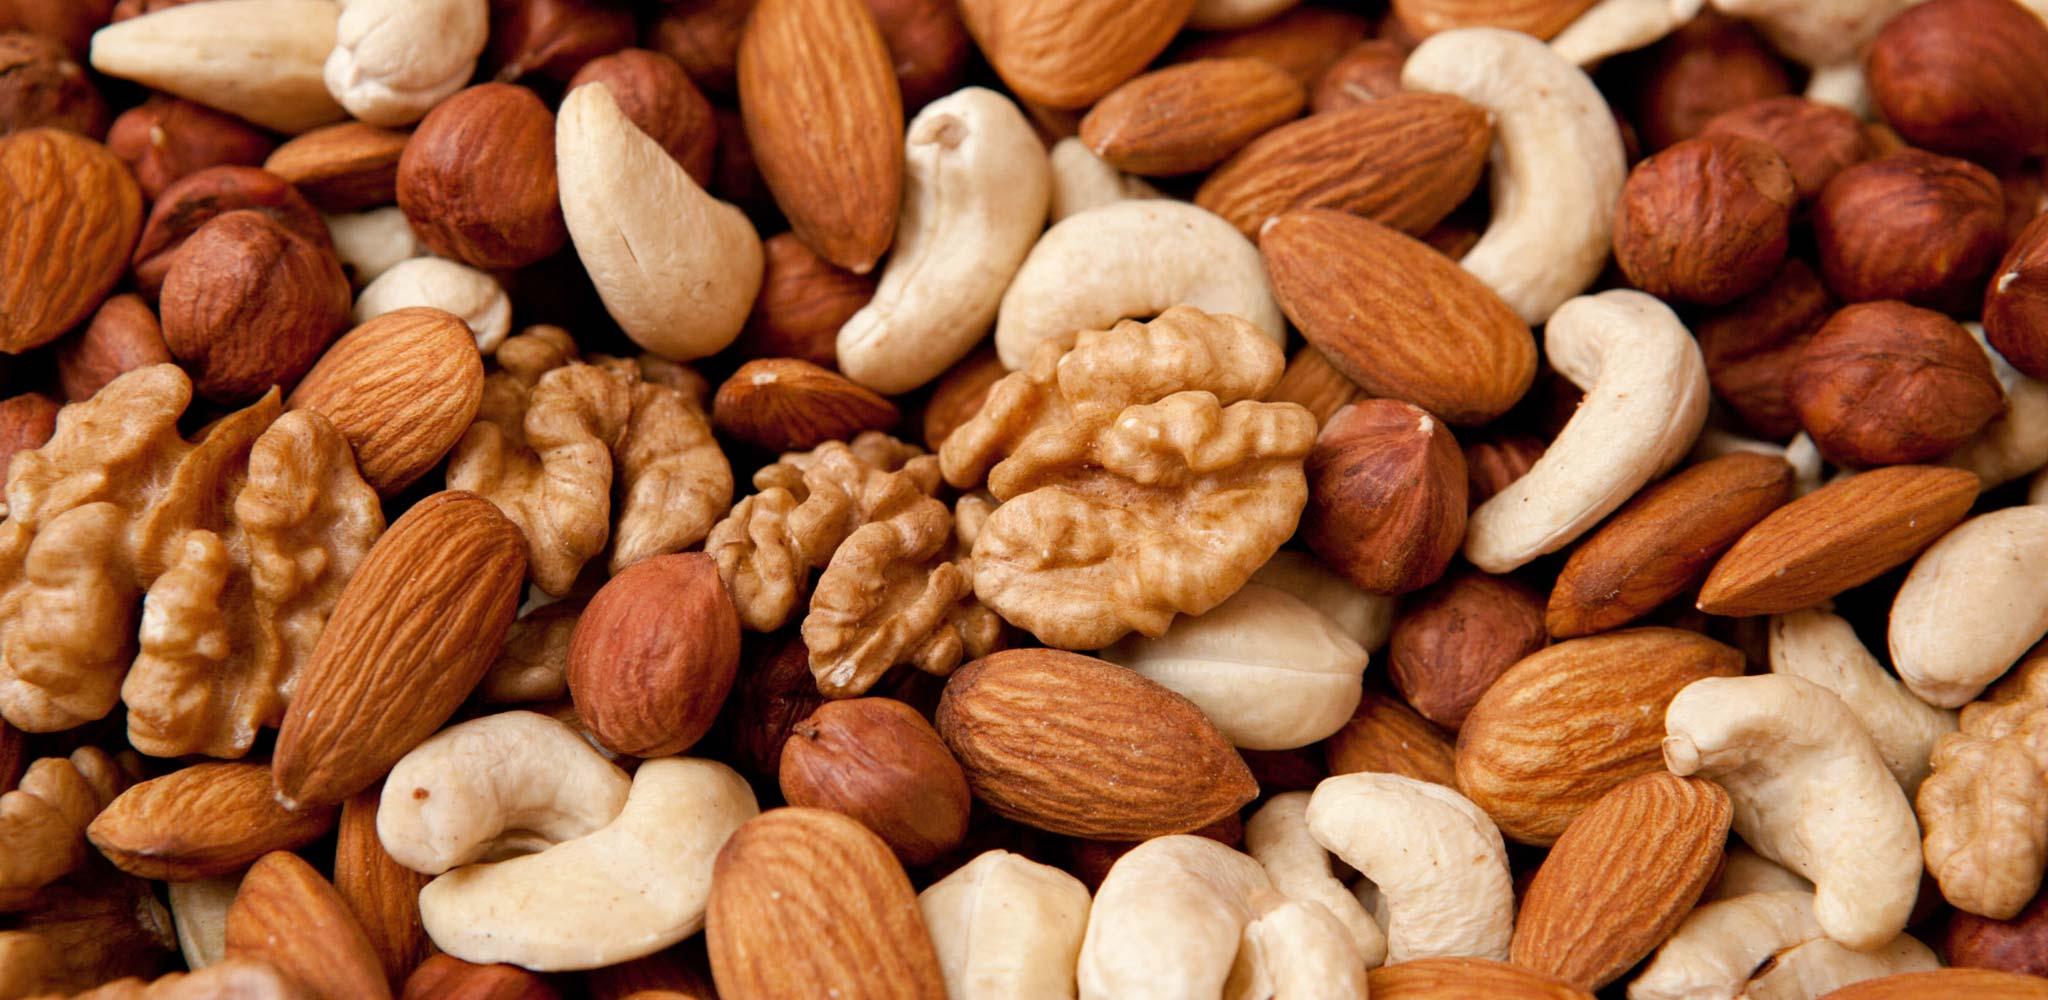 какие орехи понижают холестерин в крови человека